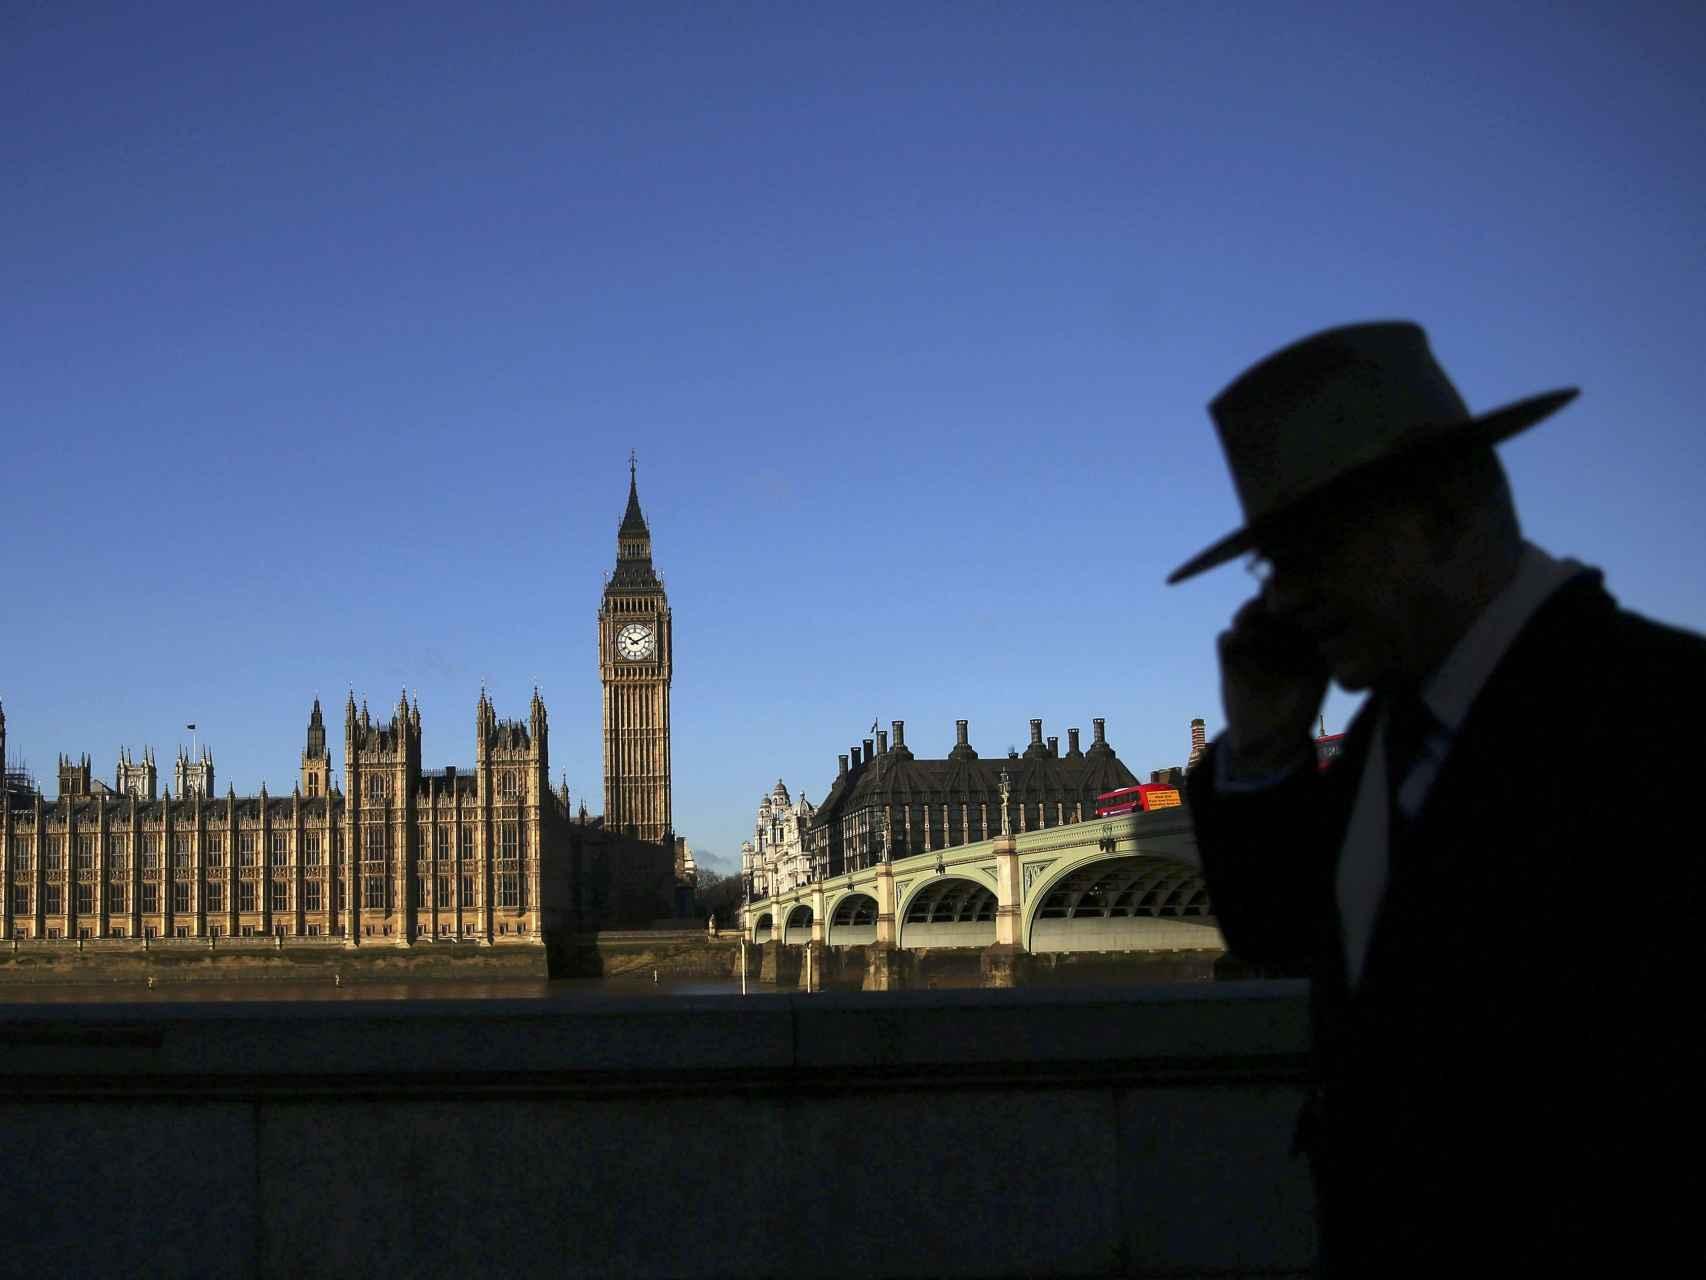 Reino Unido es uno de los países que se fija en la ciencia para hacer política.